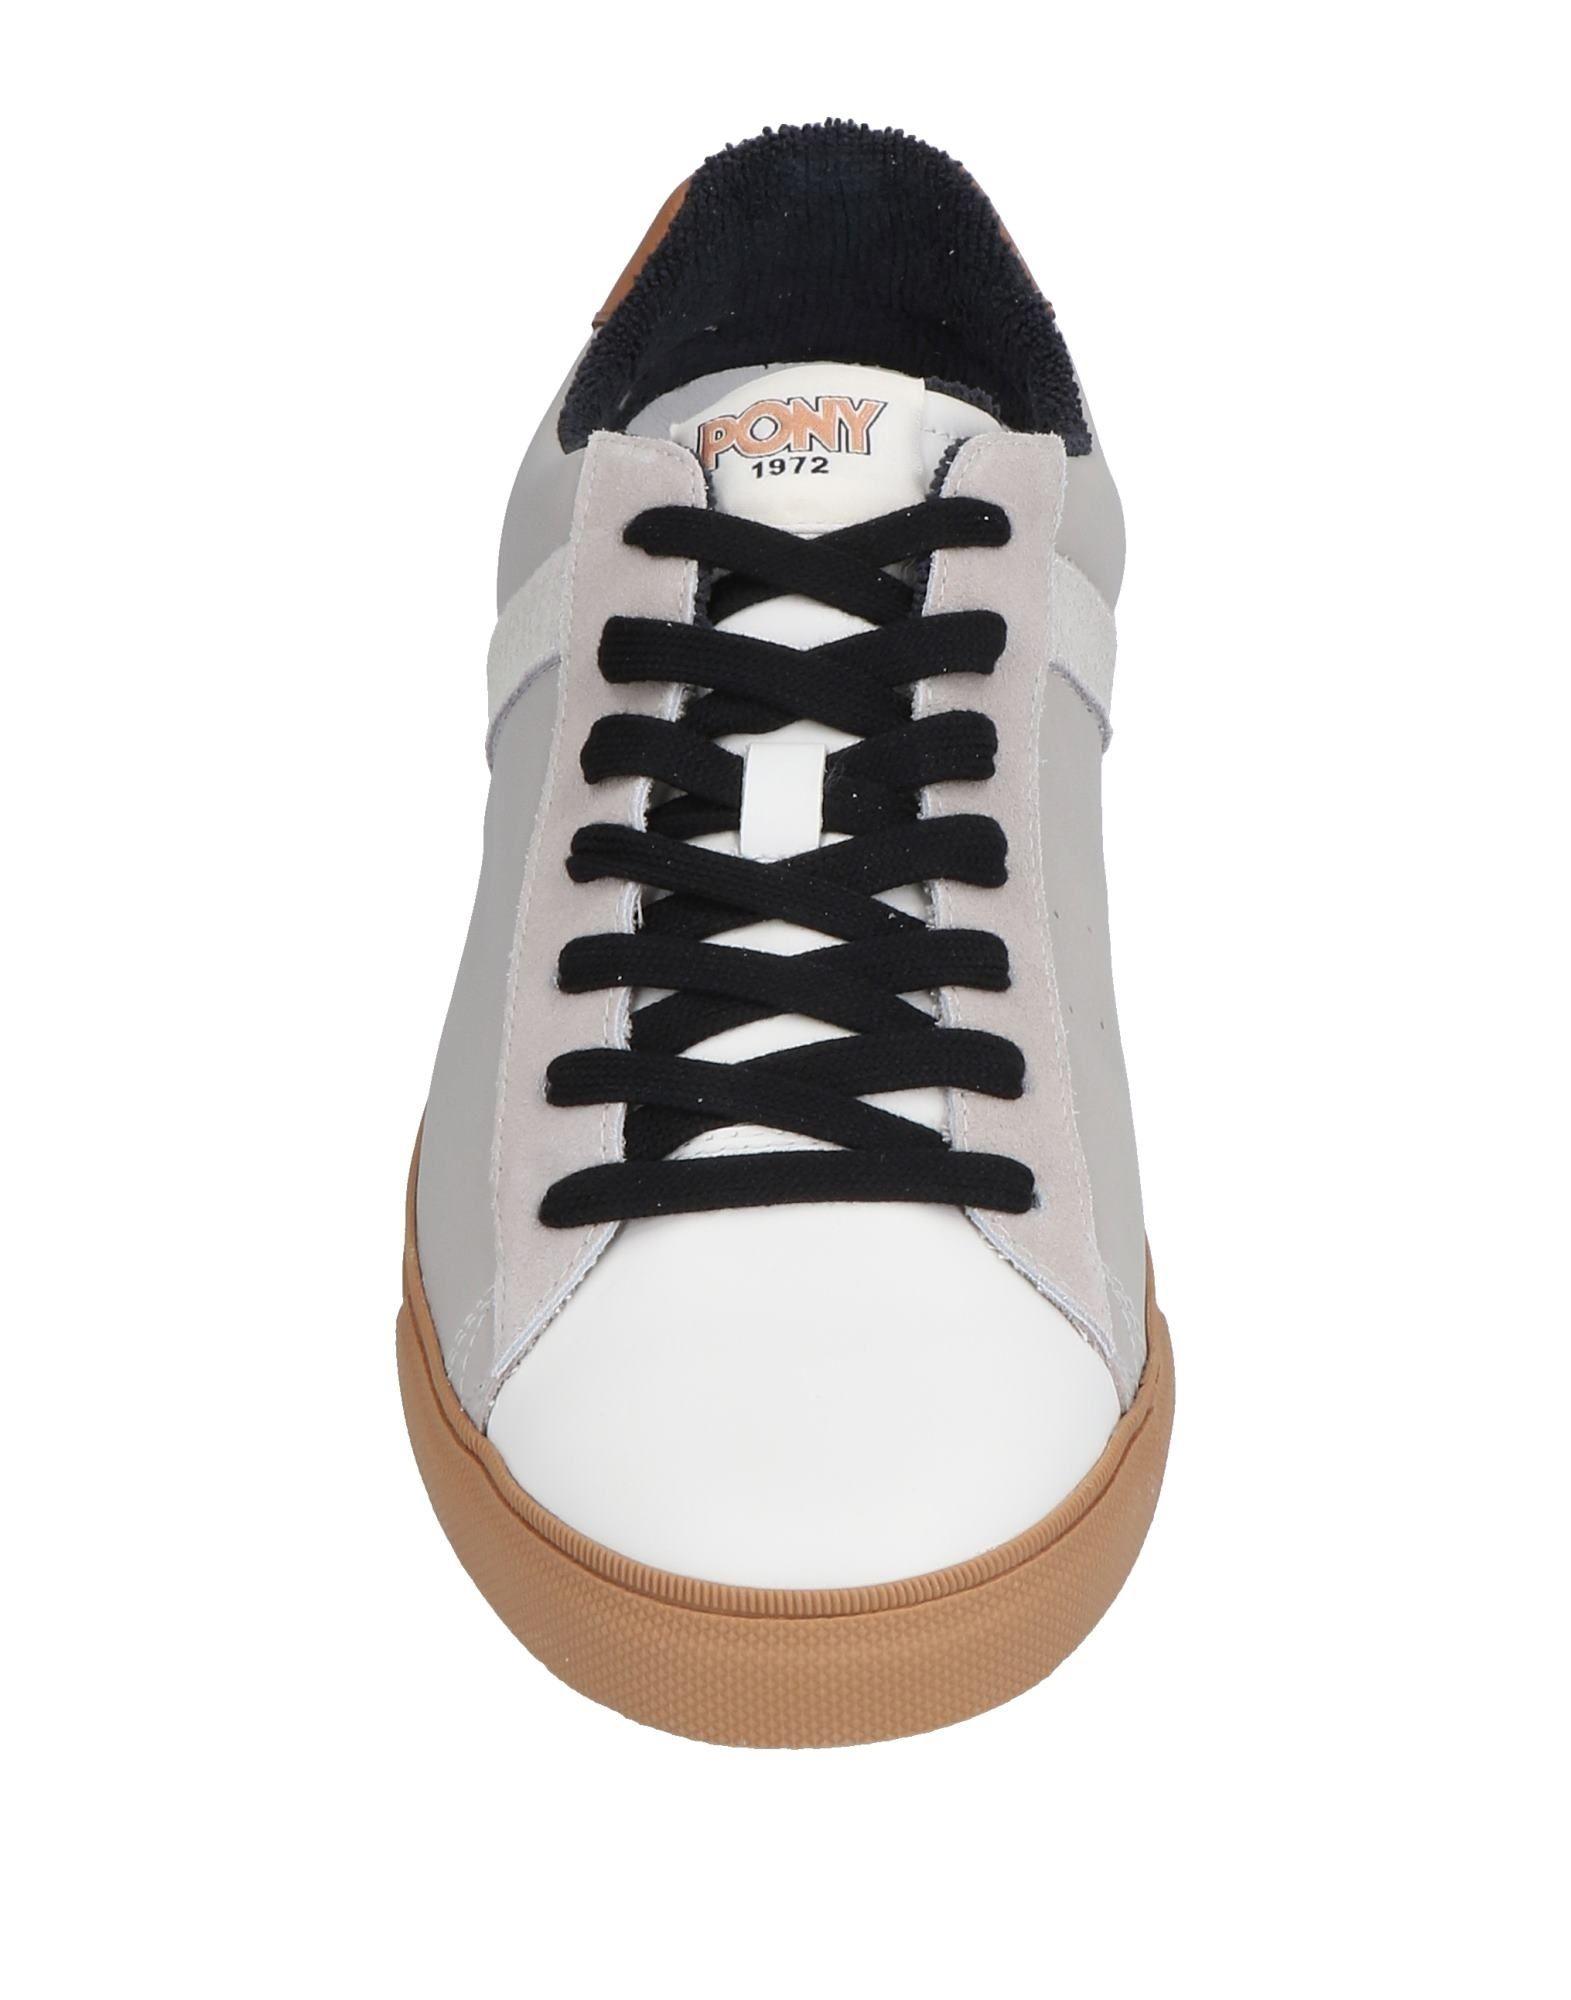 Rabatt echte  Schuhe Pony Sneakers Herren  echte 11496340UM 611413